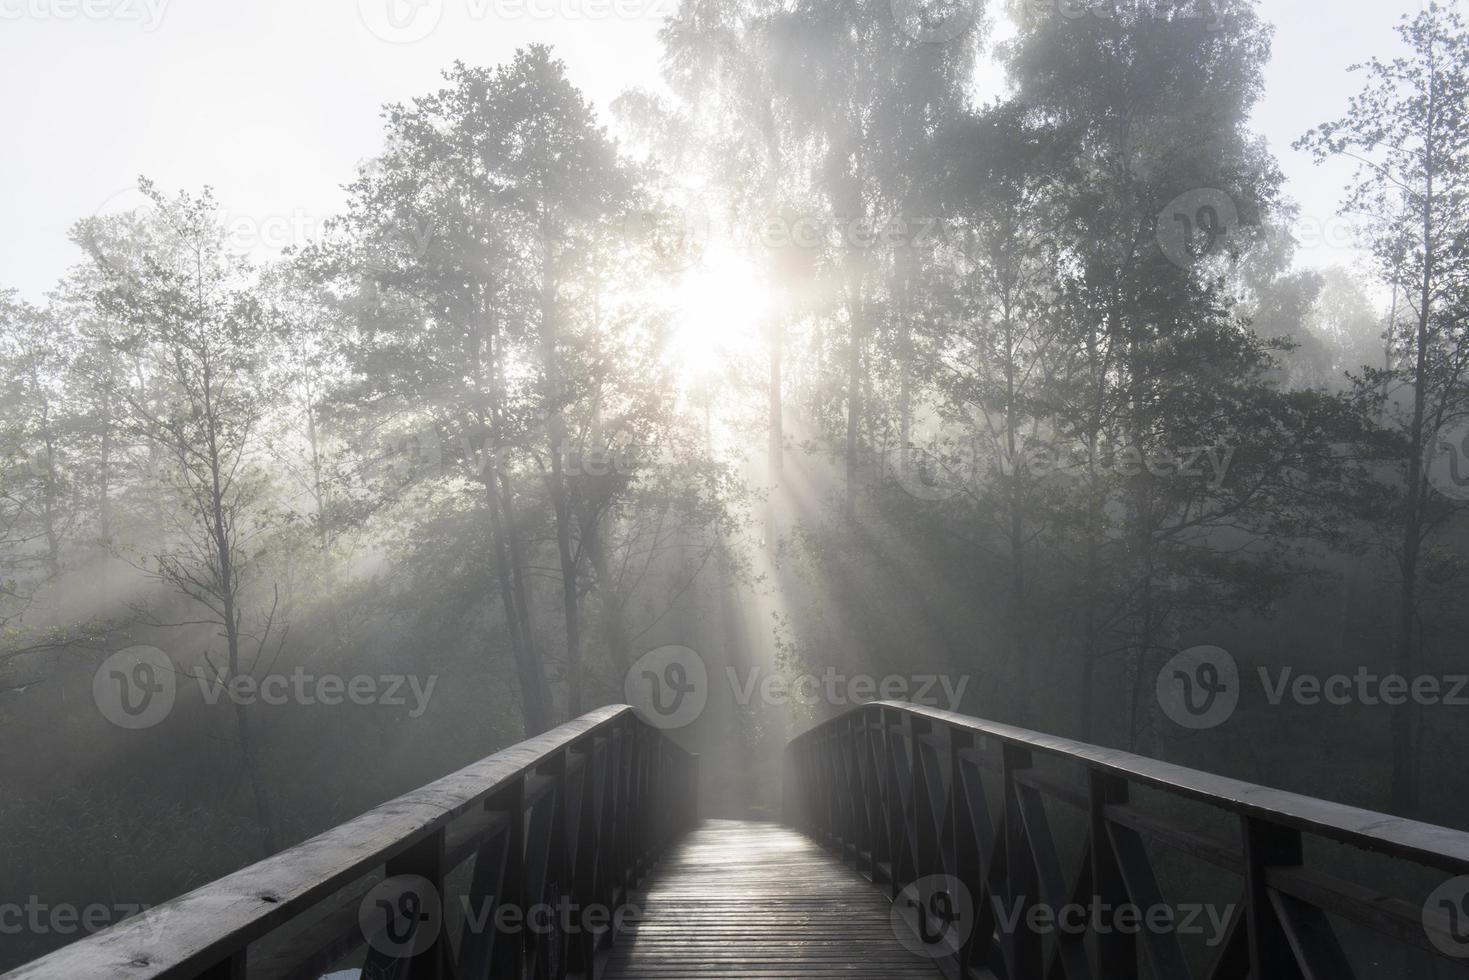 mistig landschap met oude brug en boom silhouet foto